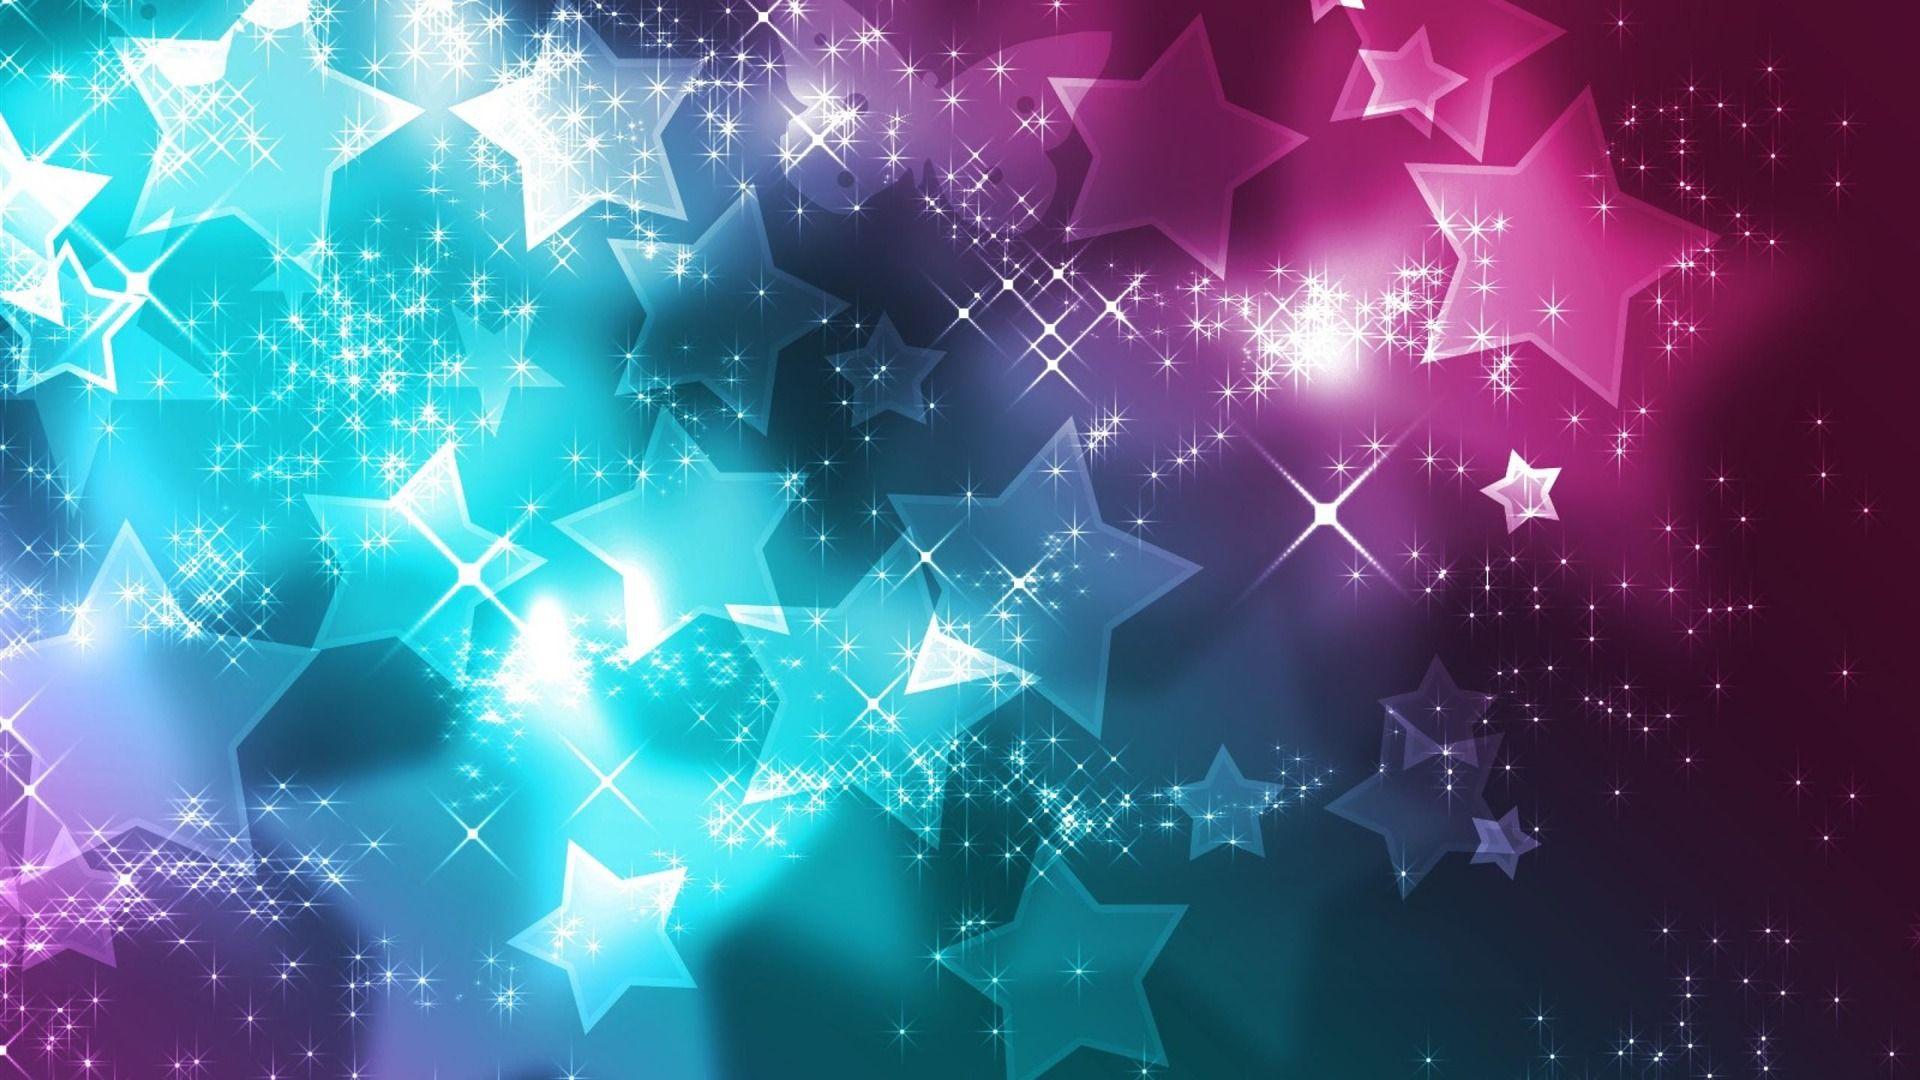 Http Cdn Wallwuzz Com Uploads Wallpaper Design Abstract Star Designs Wallwuzz Hd Wallpaper 10685 Jpg Kertas Dinding Abstrak Wallpaper Lucu